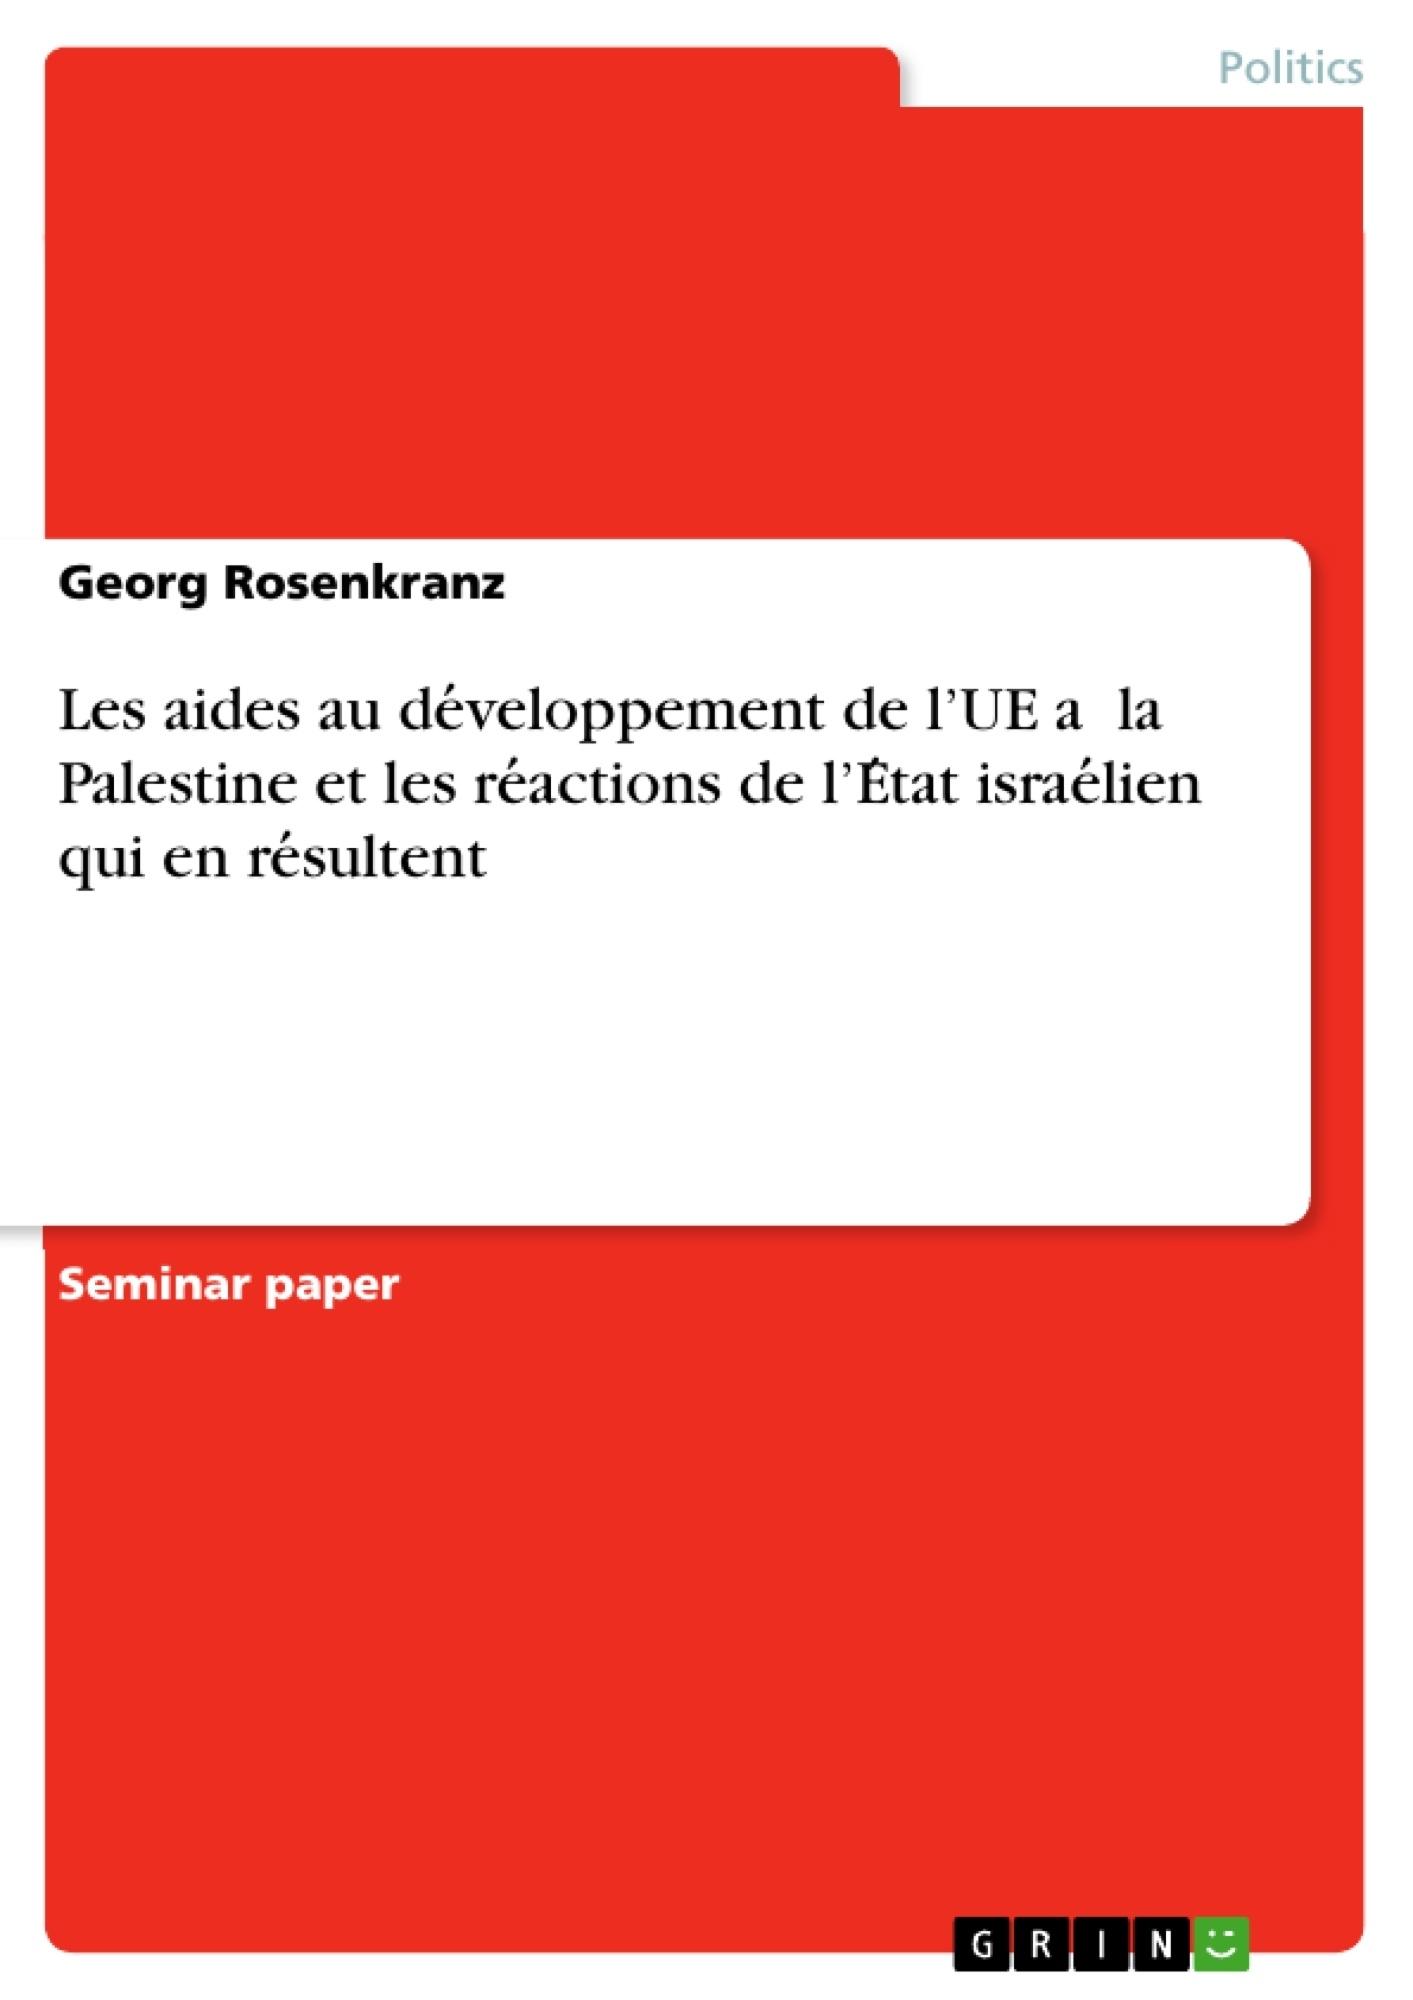 Titre: Les aides au développement de l'UE à la Palestine et les réactions de l'État israélien qui en résultent